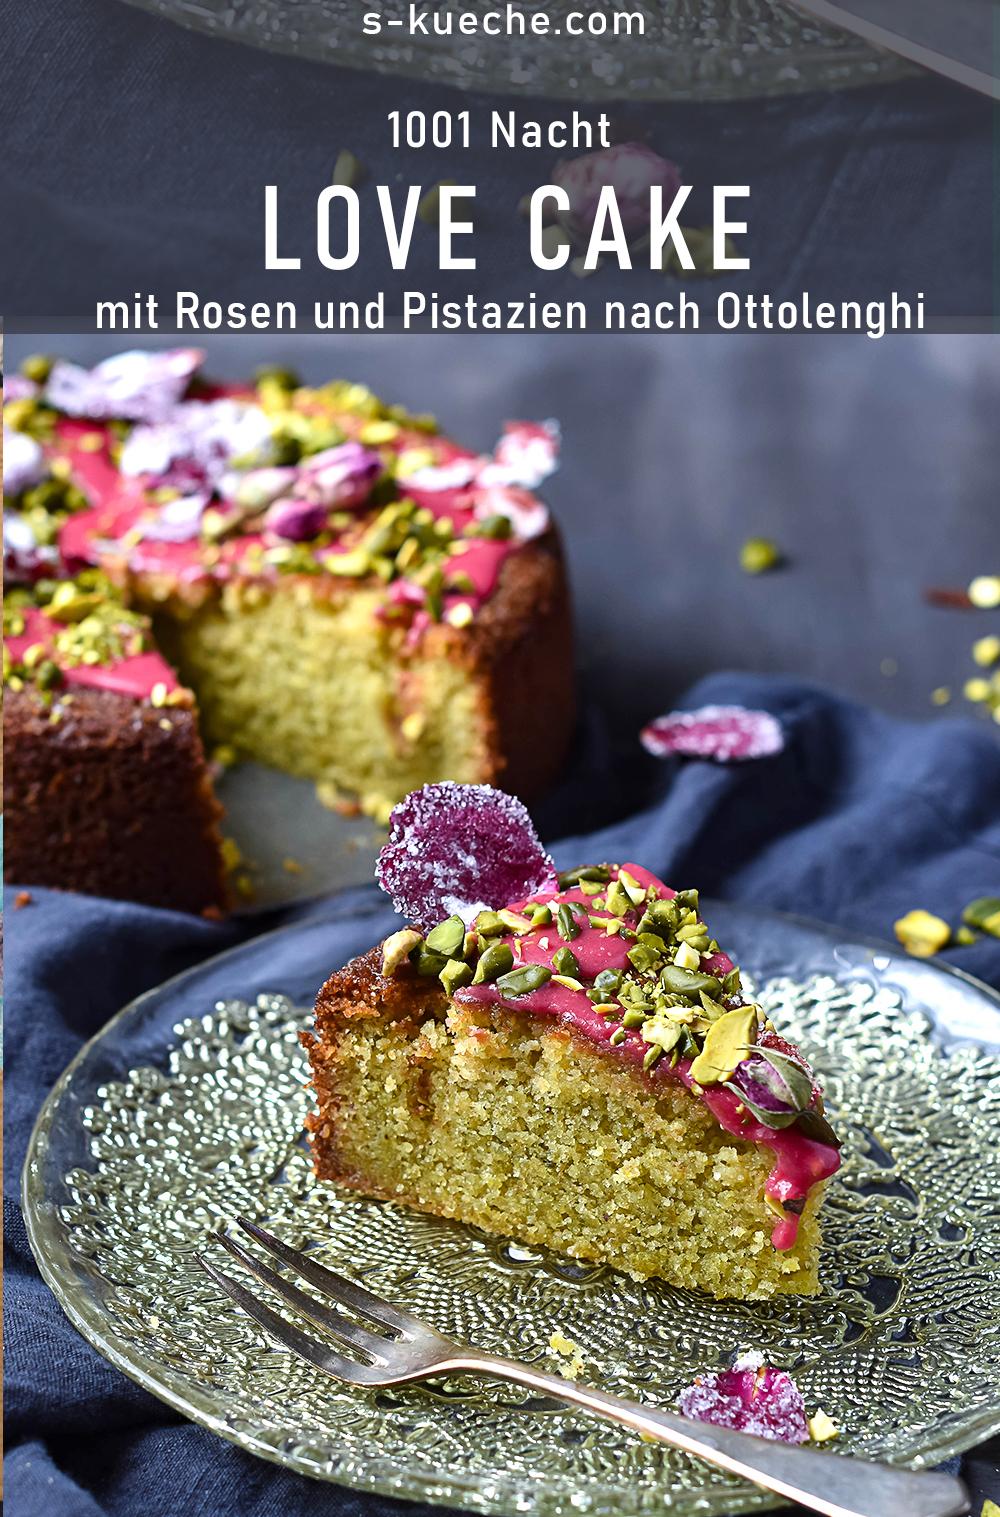 Liebeskuchen - Love Cake mit Rosen und Pistazien nach Ottolenghi und Goh. Orientalische Verführung, Kuchen aus 1001 Nacht, Grieß, Rosen, Pistazien, Liebe #ottolenghi #lovecake #backen #rezept #orientalischeküche #levanteküche